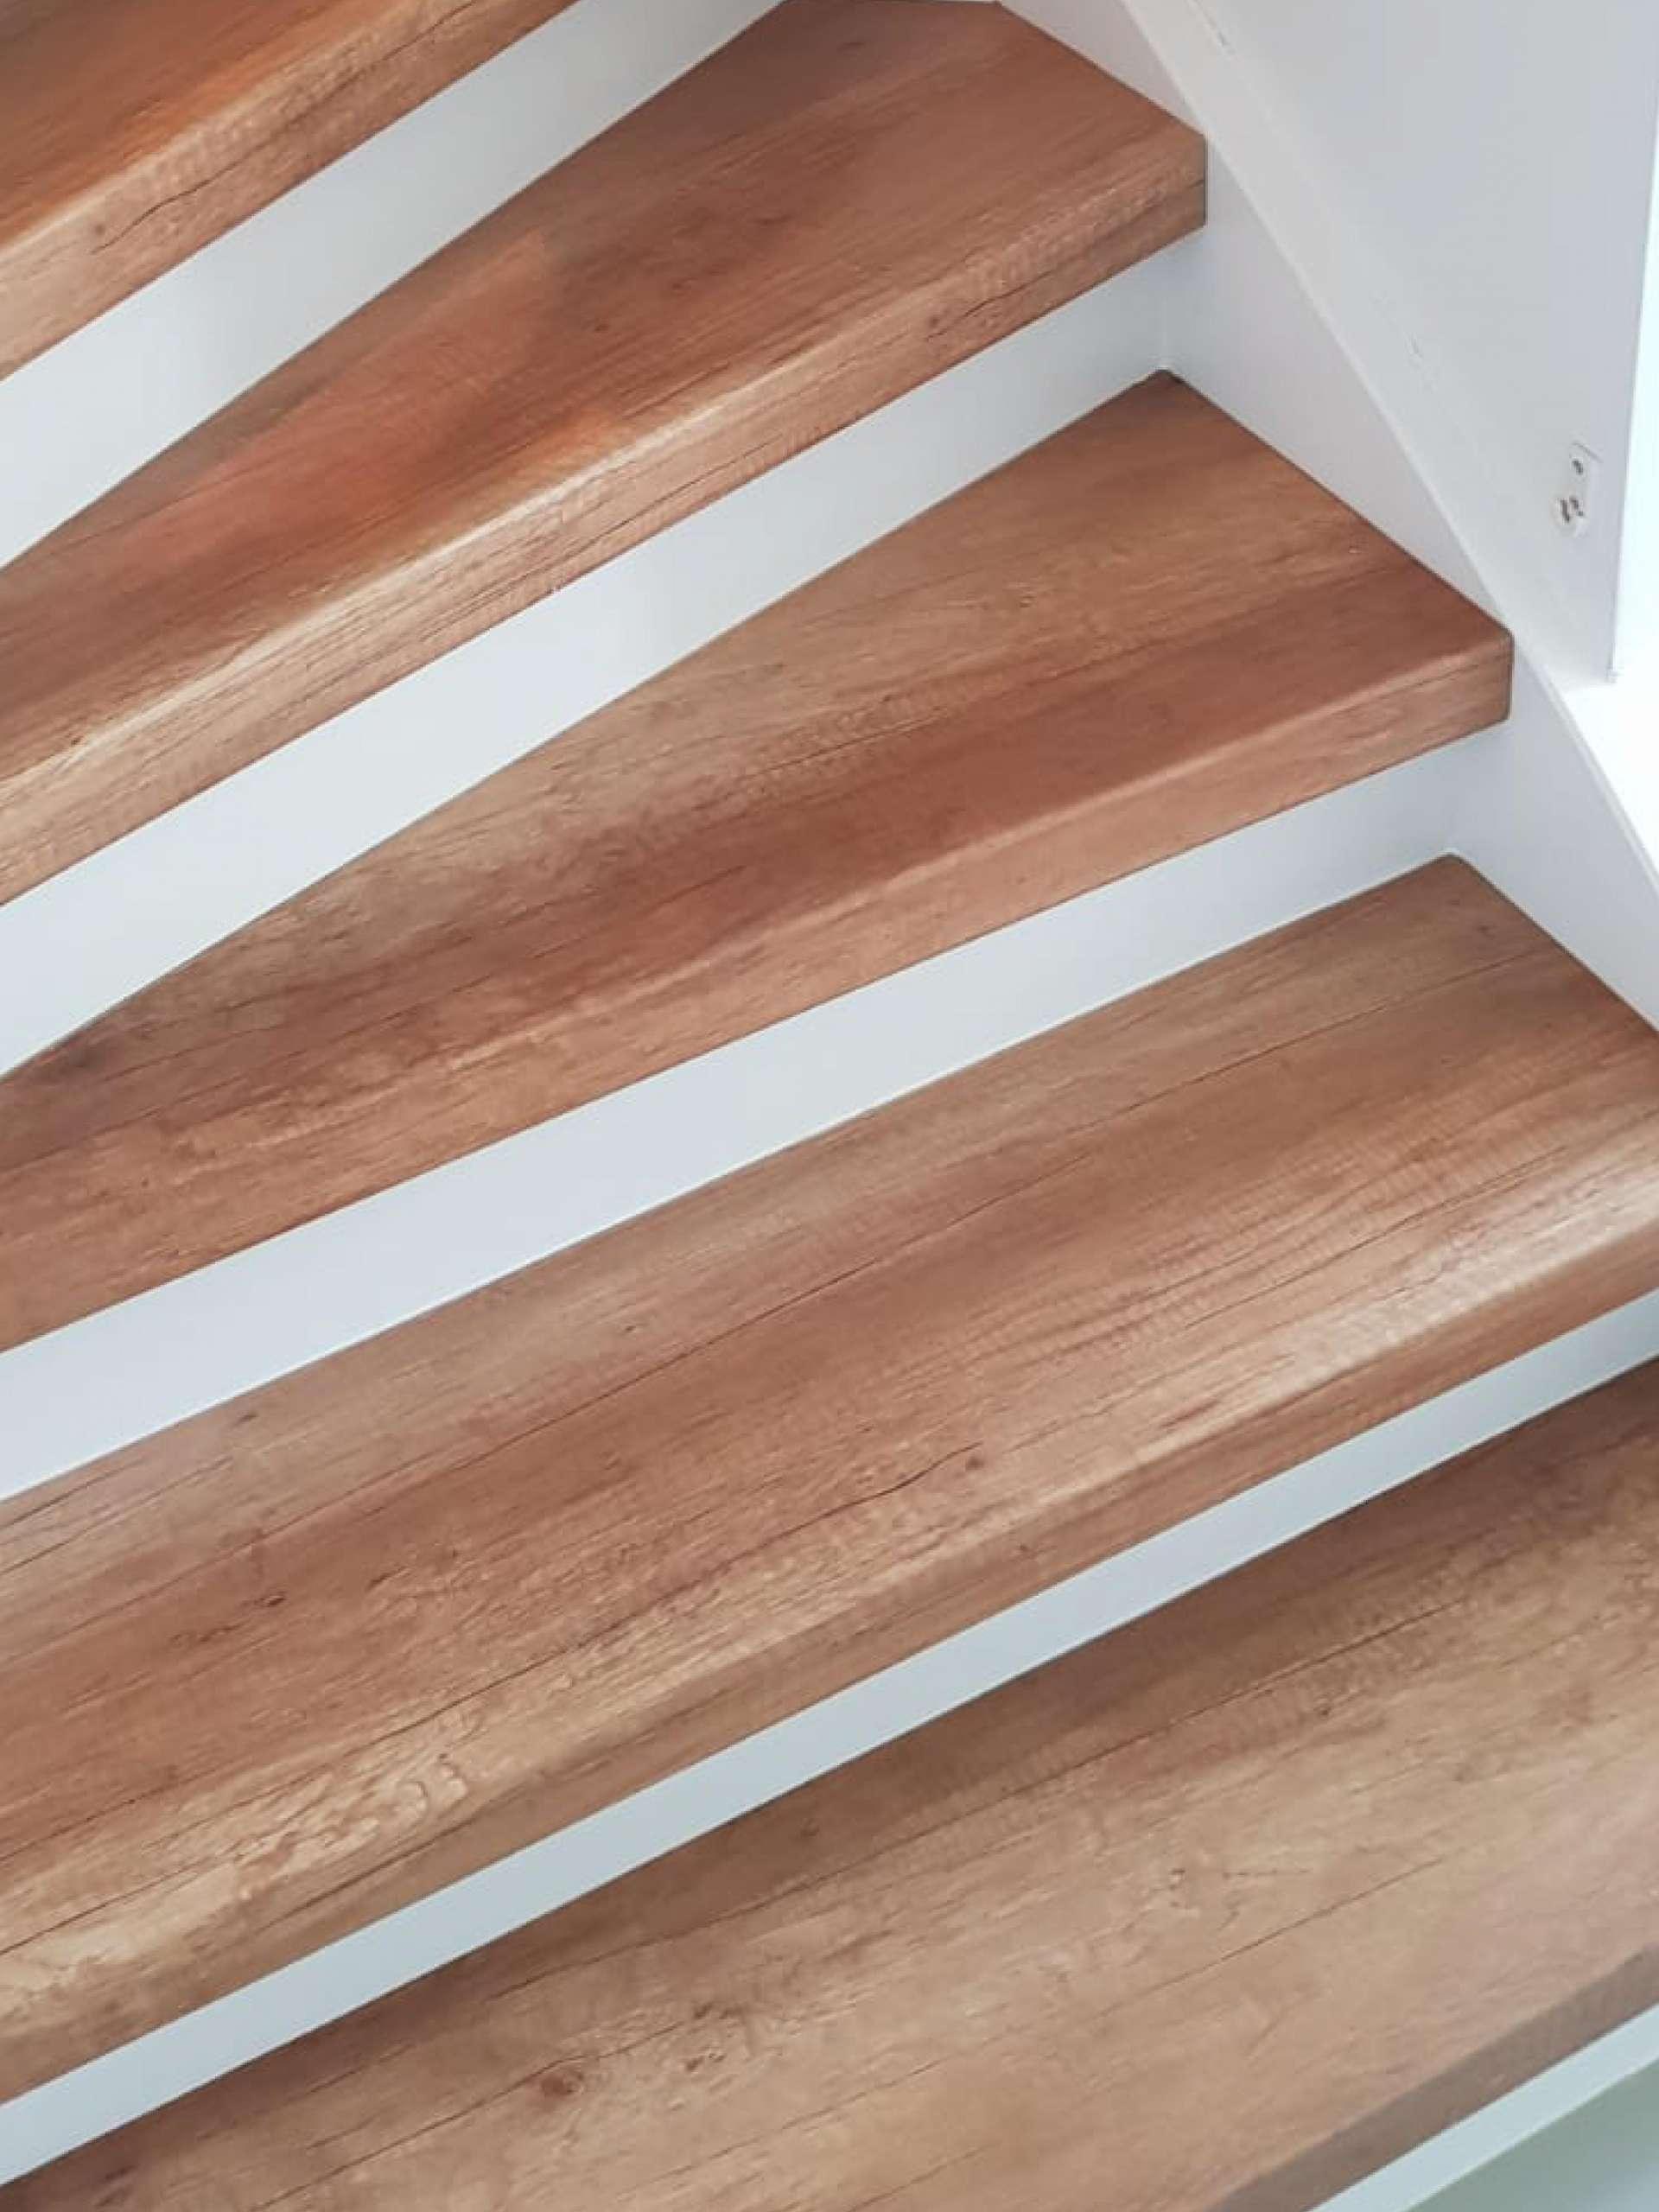 HPL laminaat overzettreden zijn een perfecte oplossing voor design trappen